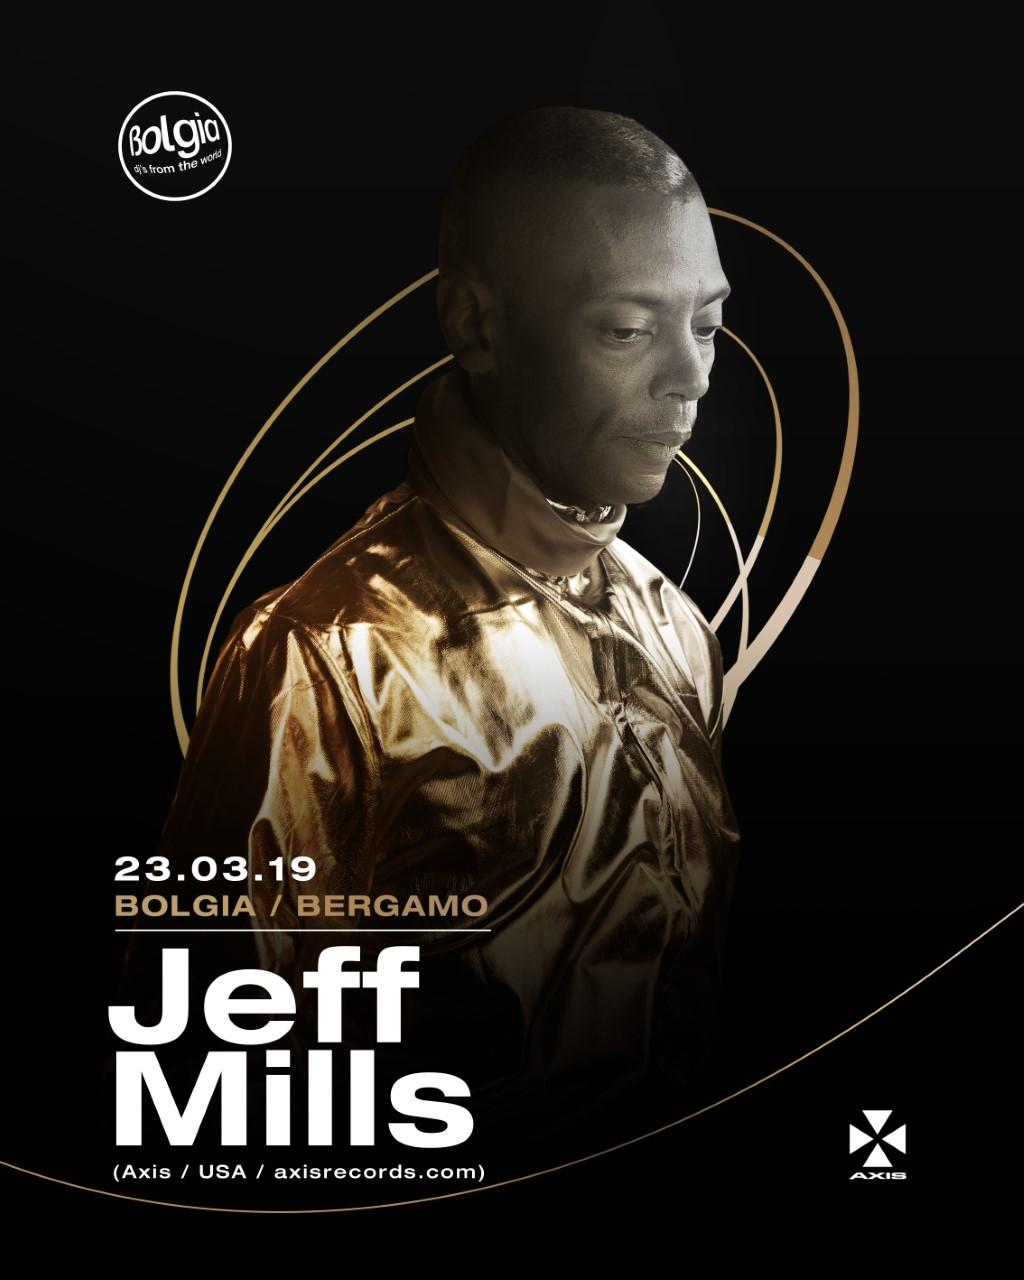 Jeff Mills al Bolgia Bergamo – Sabato 23 MARZO 2019 – Ticket -Biglietti 18app – Pacchetti Hotel